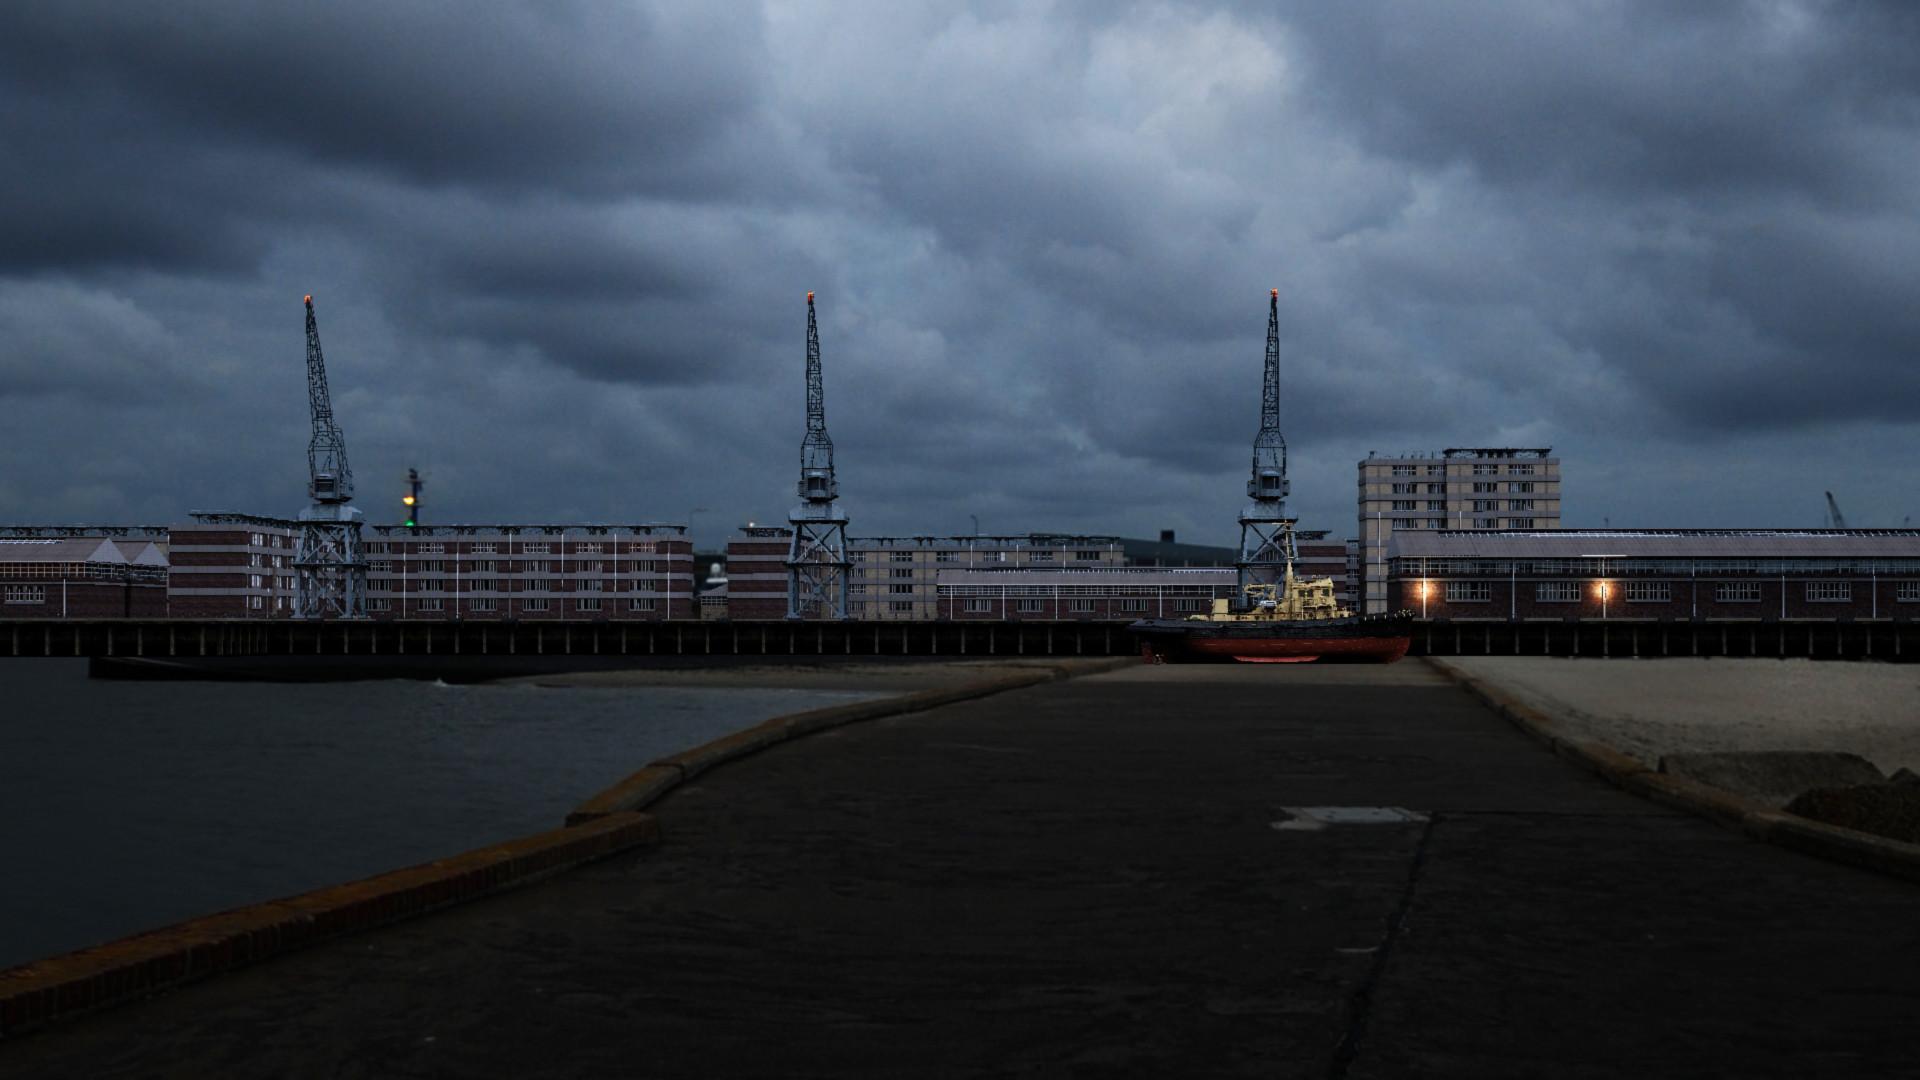 Cian o reilly portbuildings02